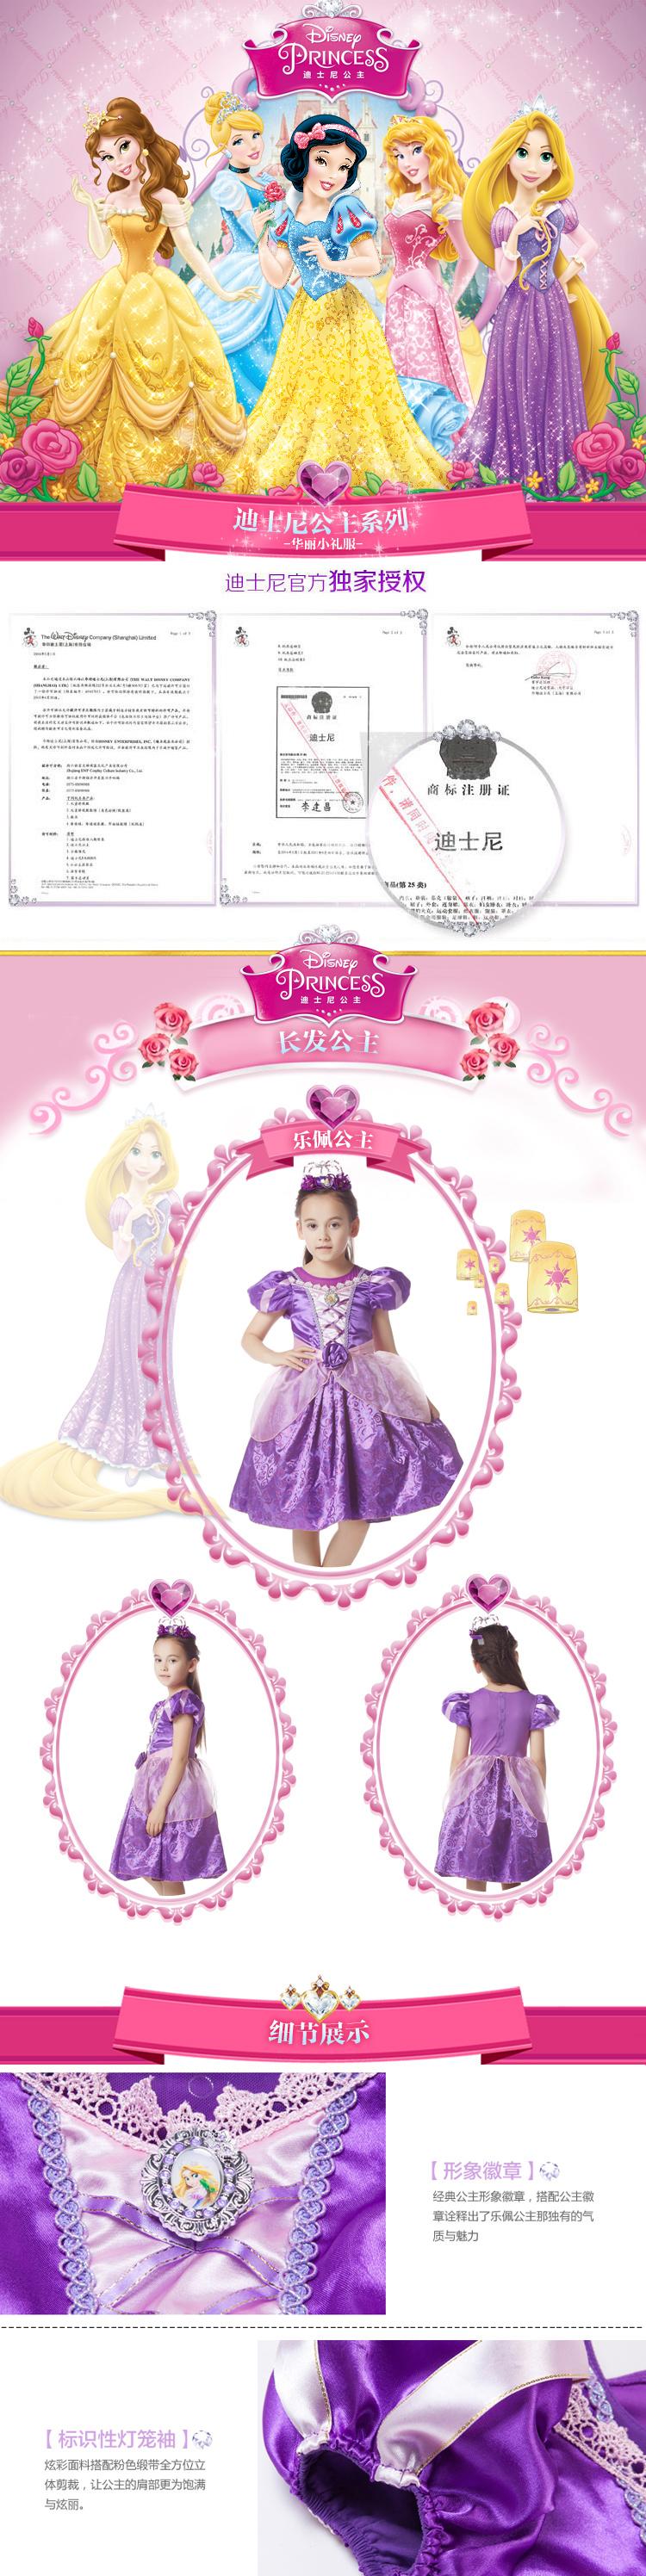 迪士尼公主系列之華麗禮服裙專場迪士尼經典長發公主